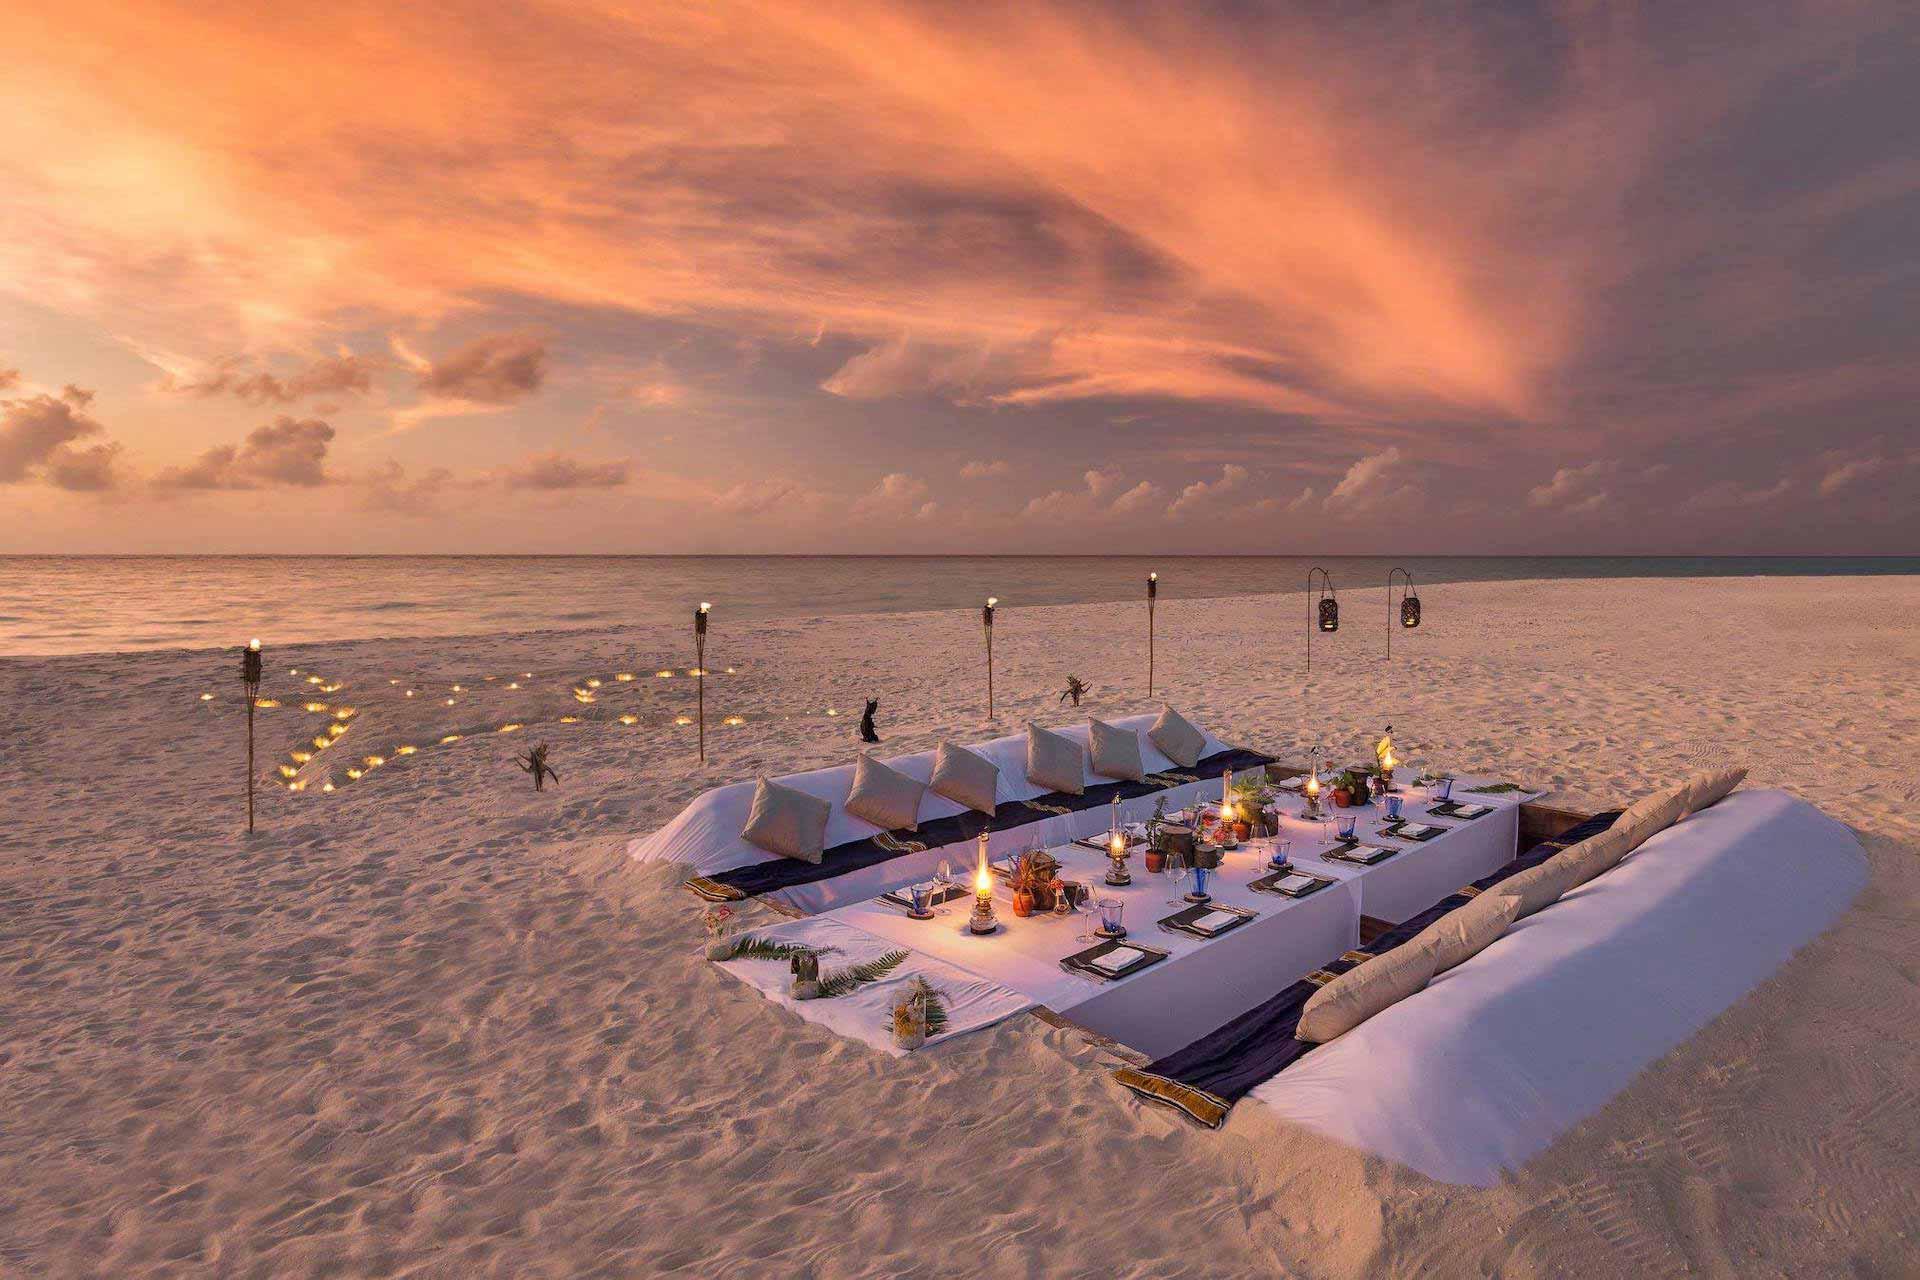 Hurawalhi Island Resort 5* - Foto della cena privata sulla spiaggia al tramonto